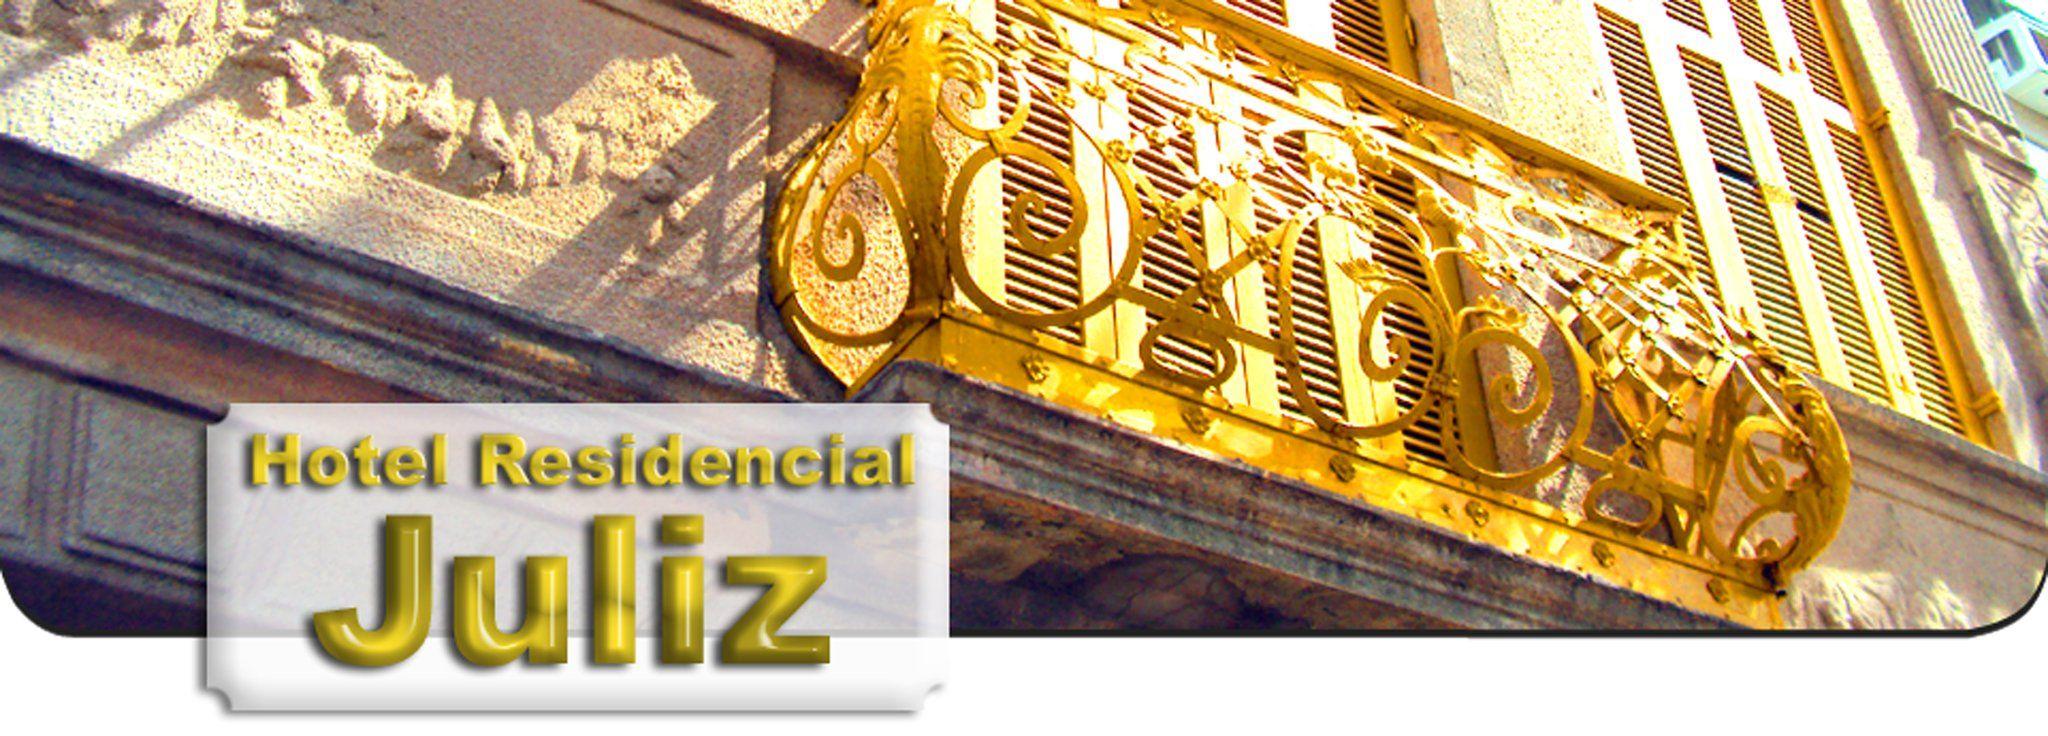 Hotel Juliz